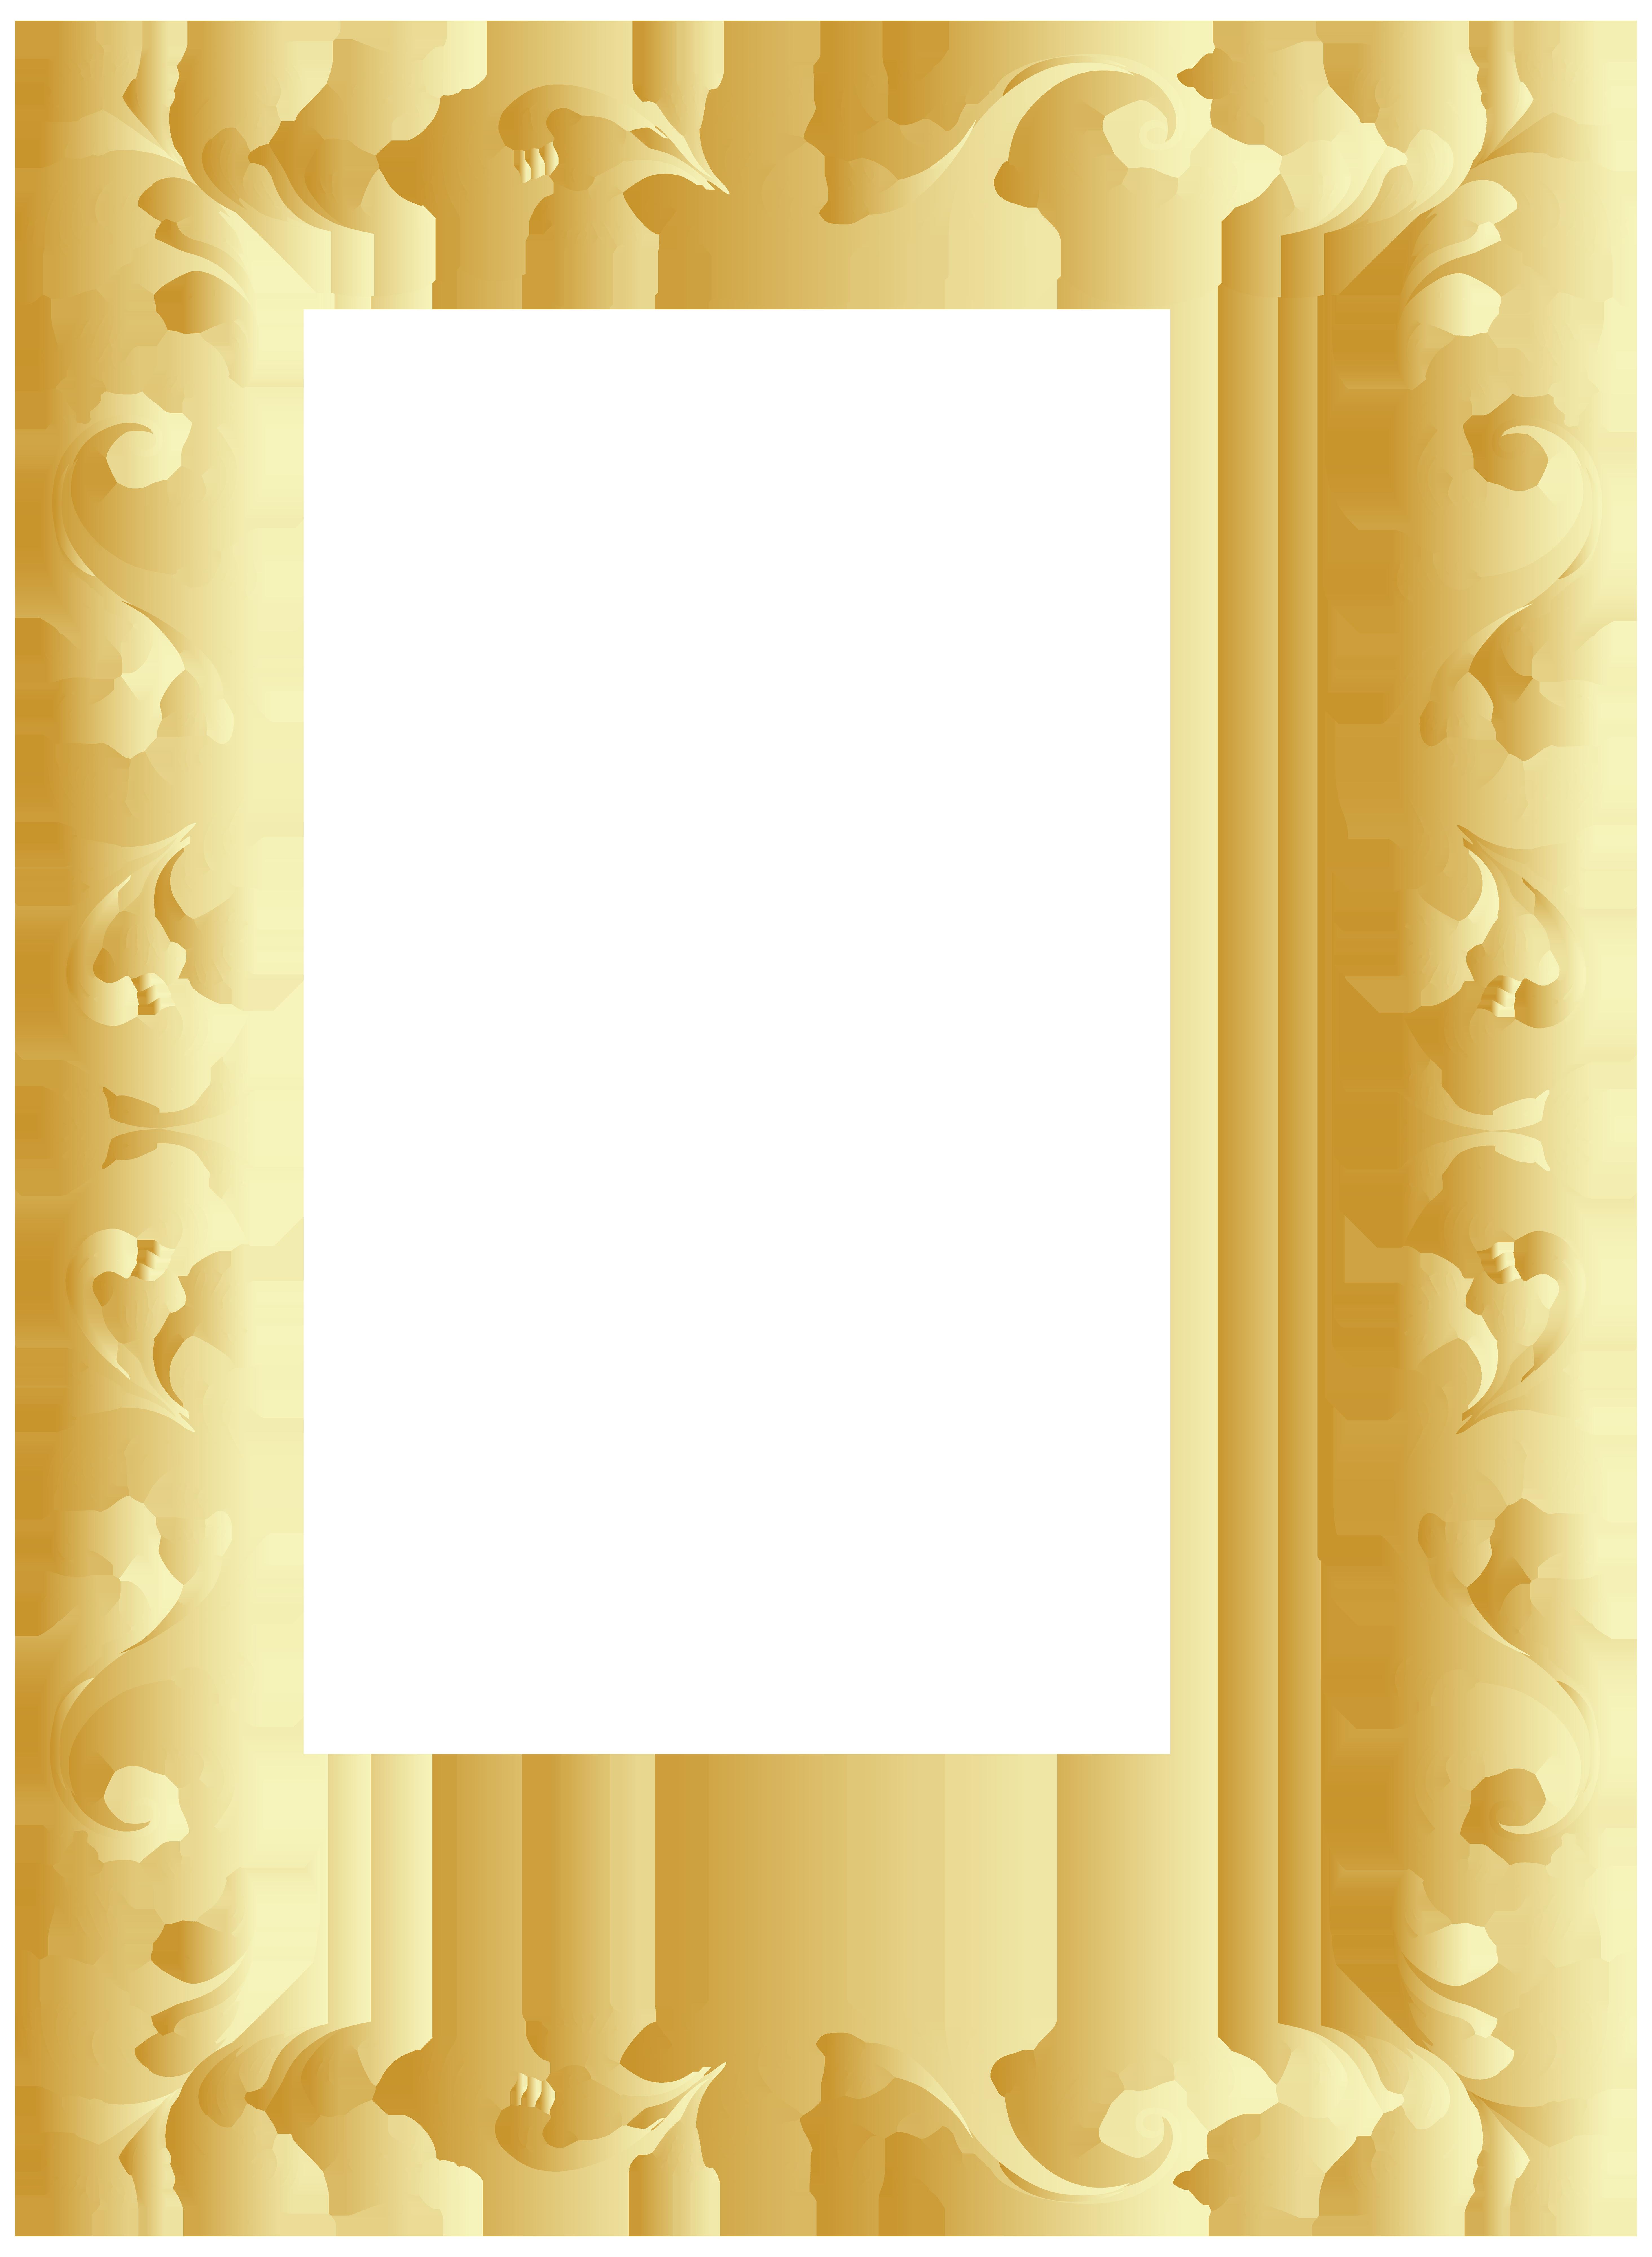 Frame clip art image. Vintage border png